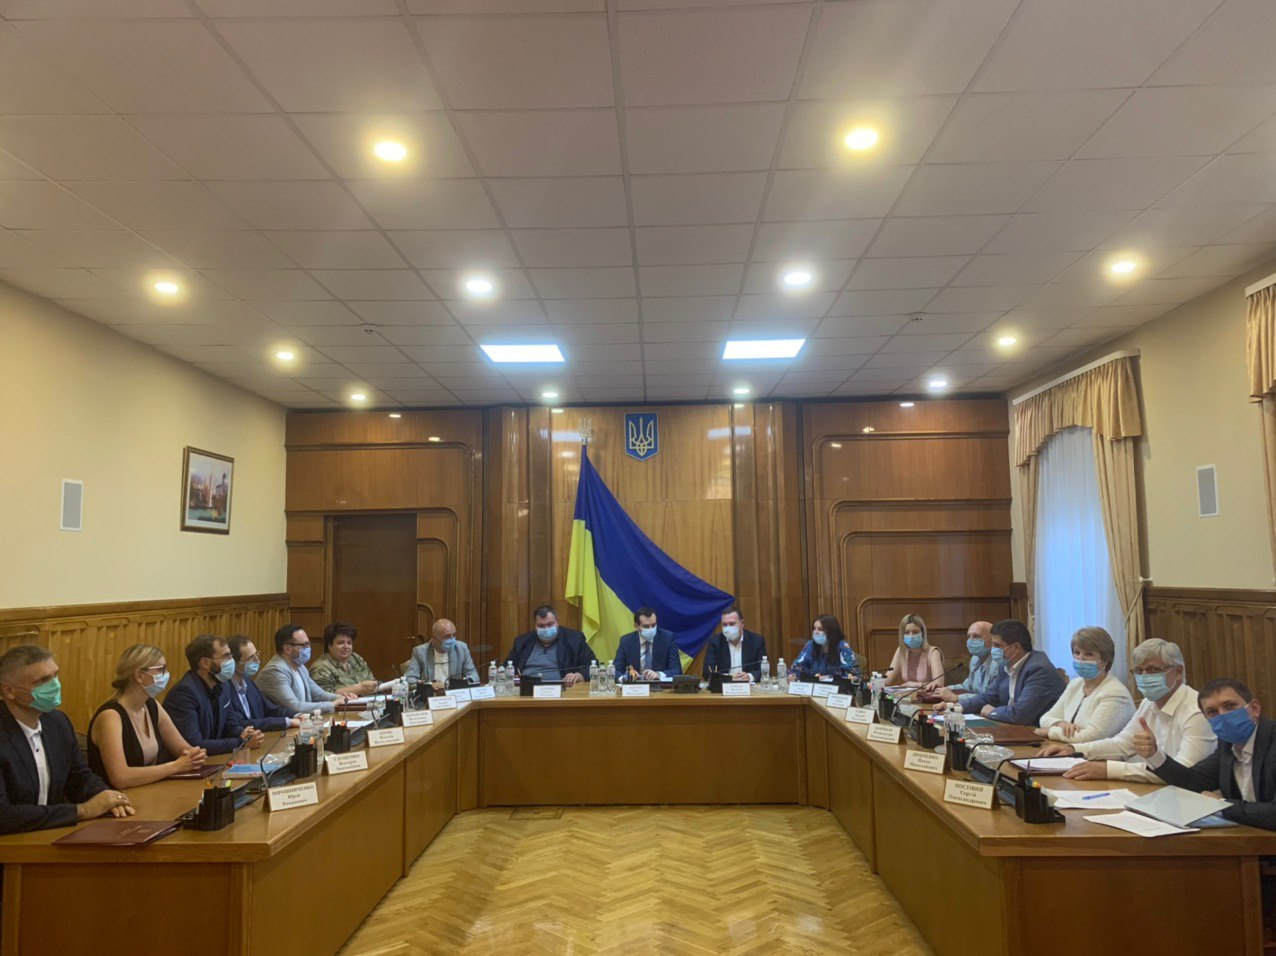 Комісія оголосила з 5 вересня 2020 року початок виборчого процесу місцевих вибор